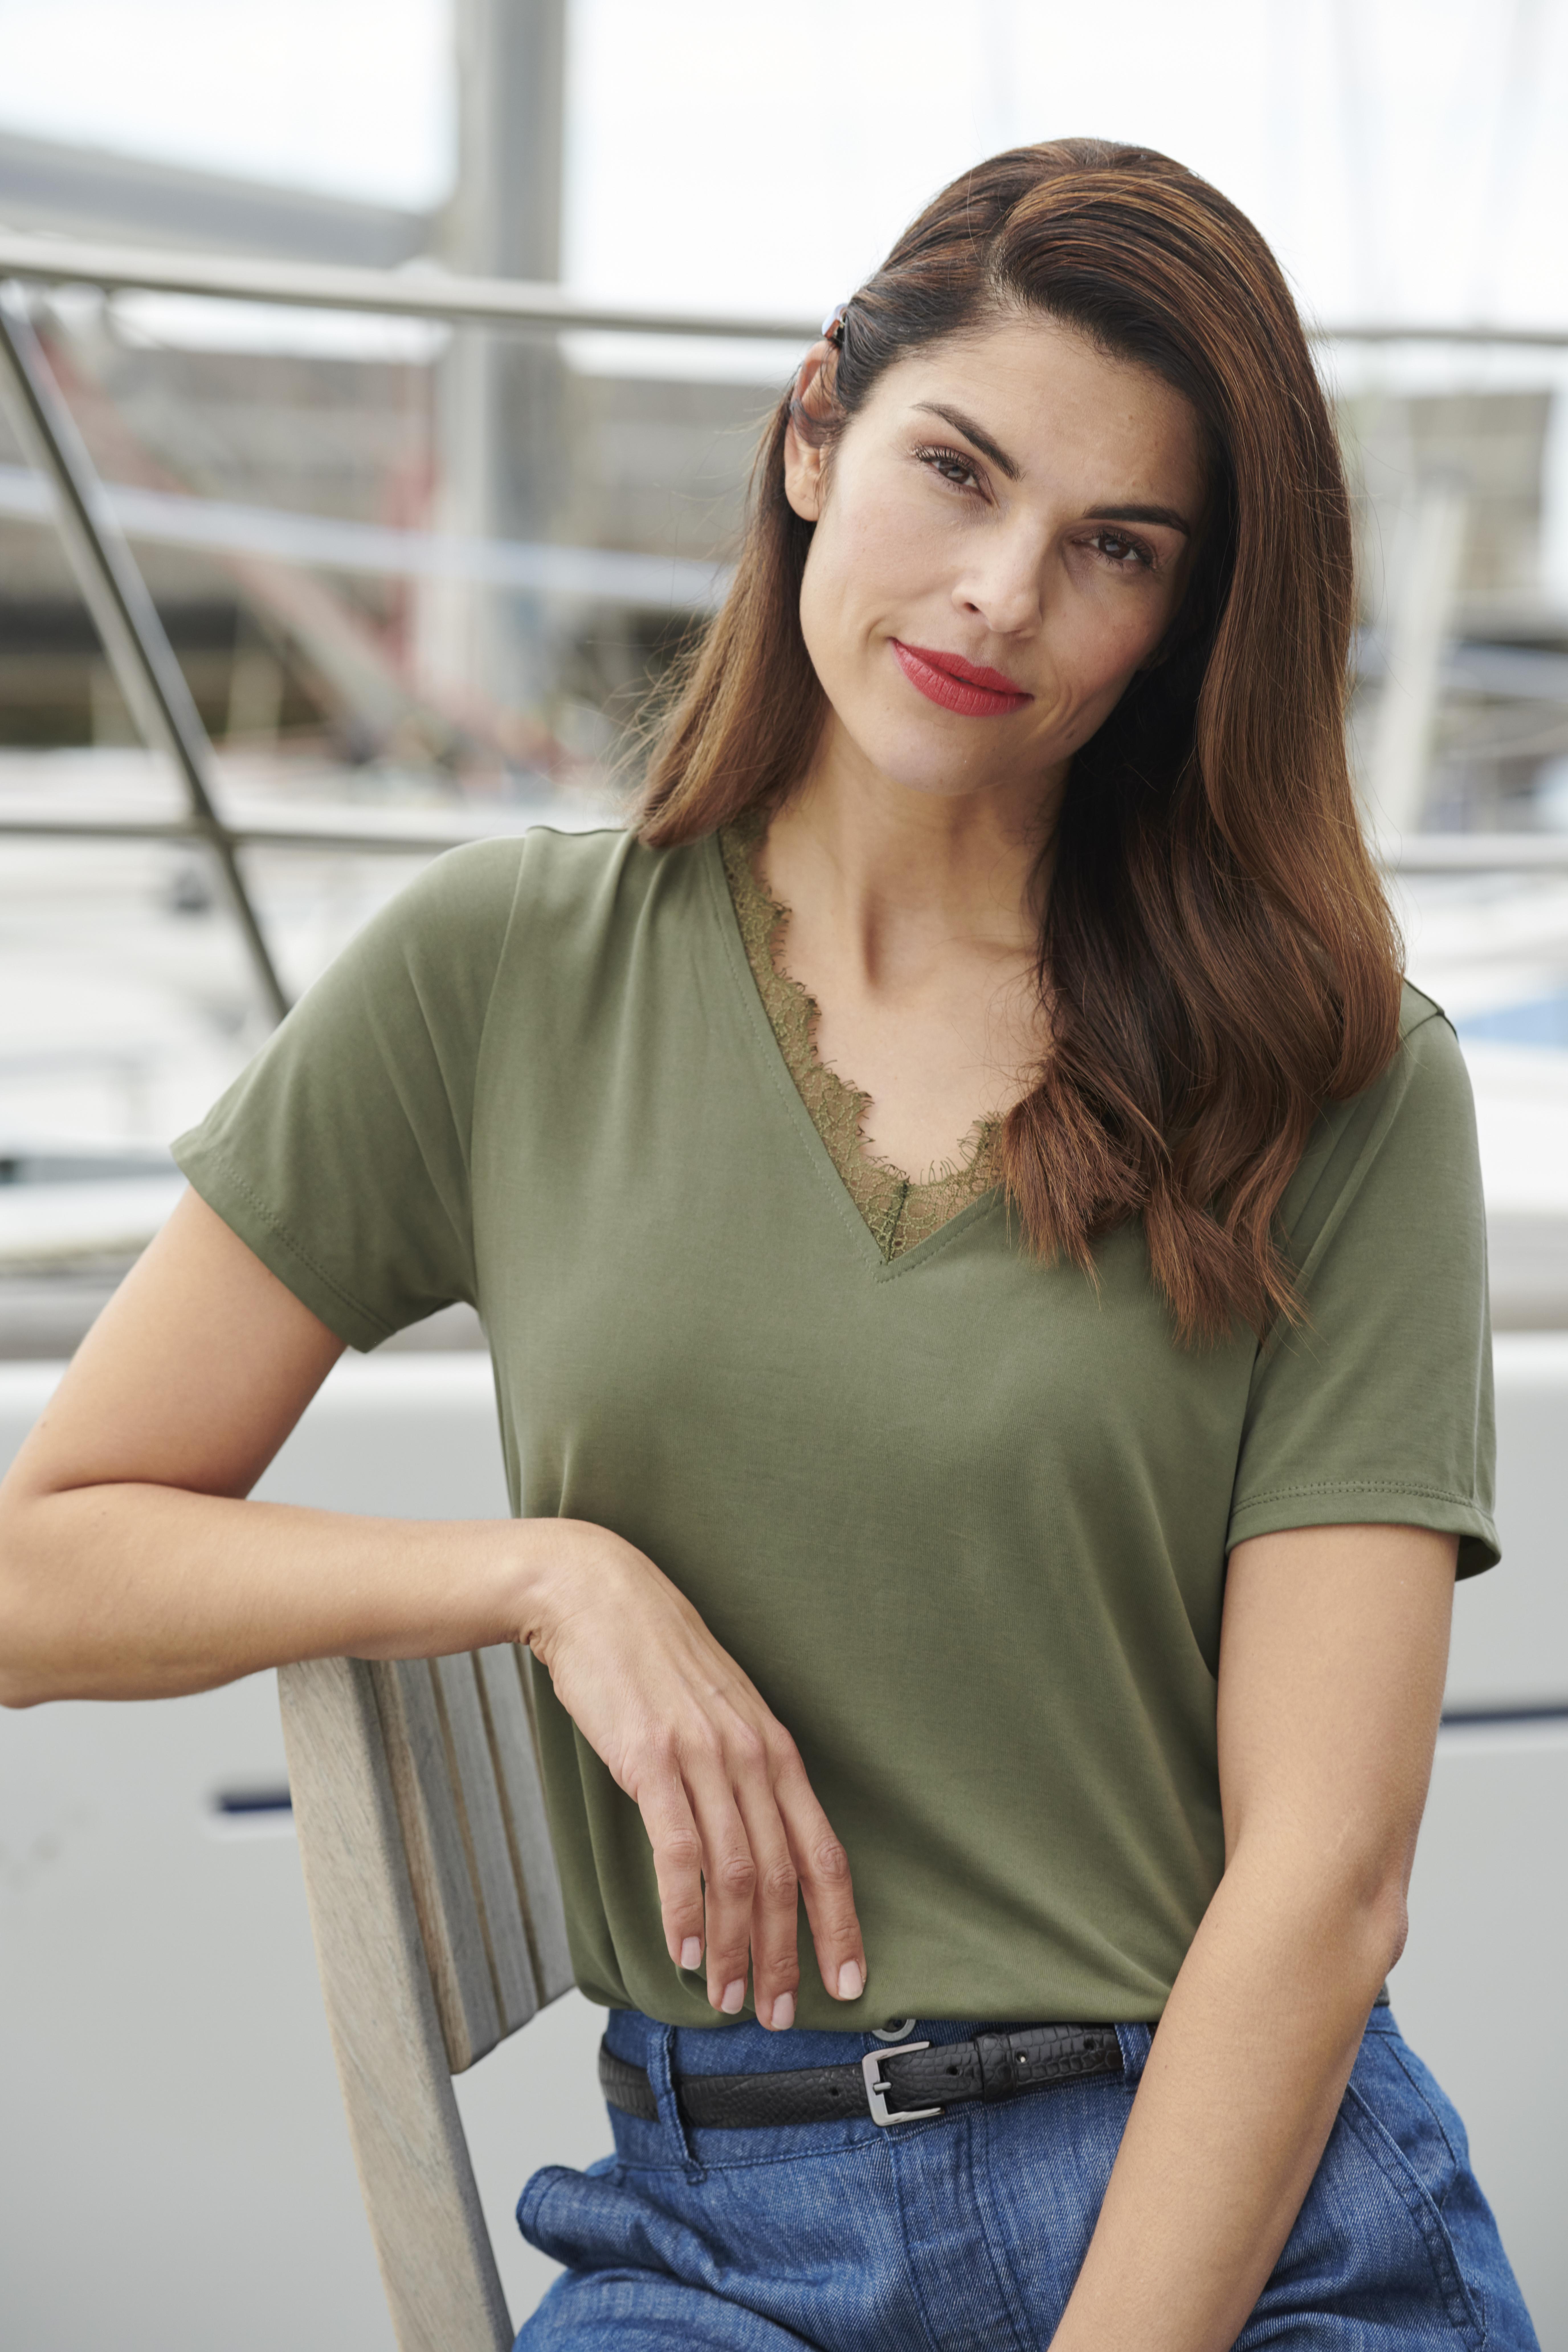 Olivgrün Kurzarm-Bluse  von Fransa – Shoppen Sie Olivgrün Kurzarm-Bluse  ab Gr. XS-XXL hier